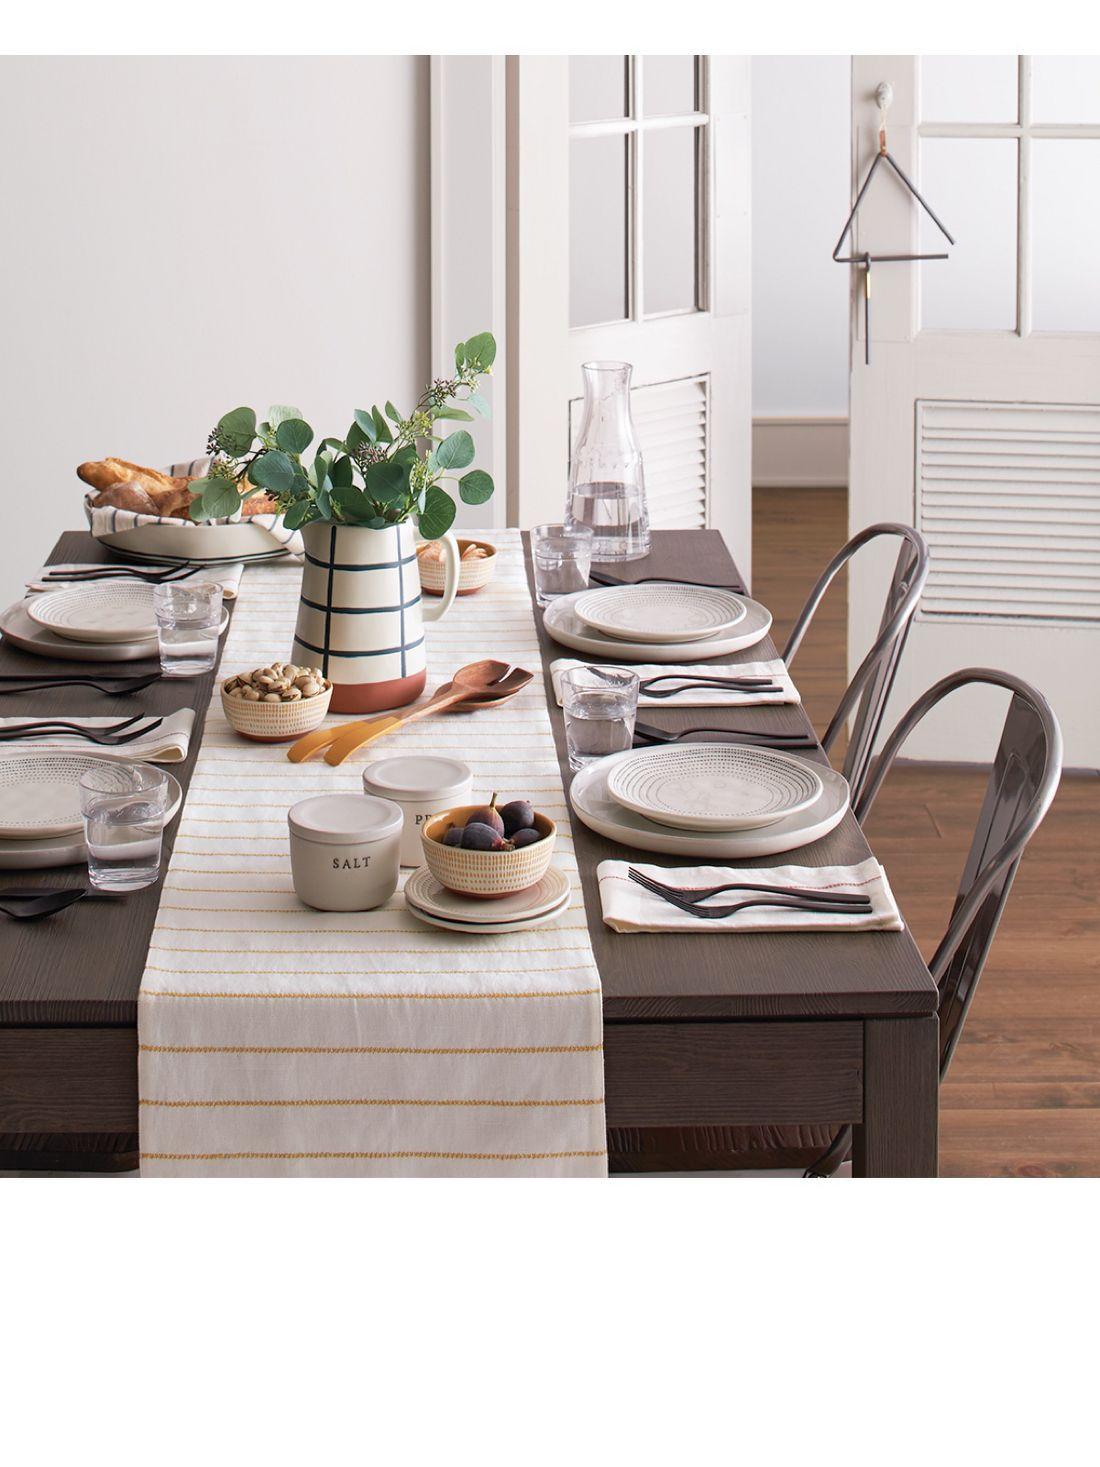 Farmhouse Decor Target - Marble top farm table